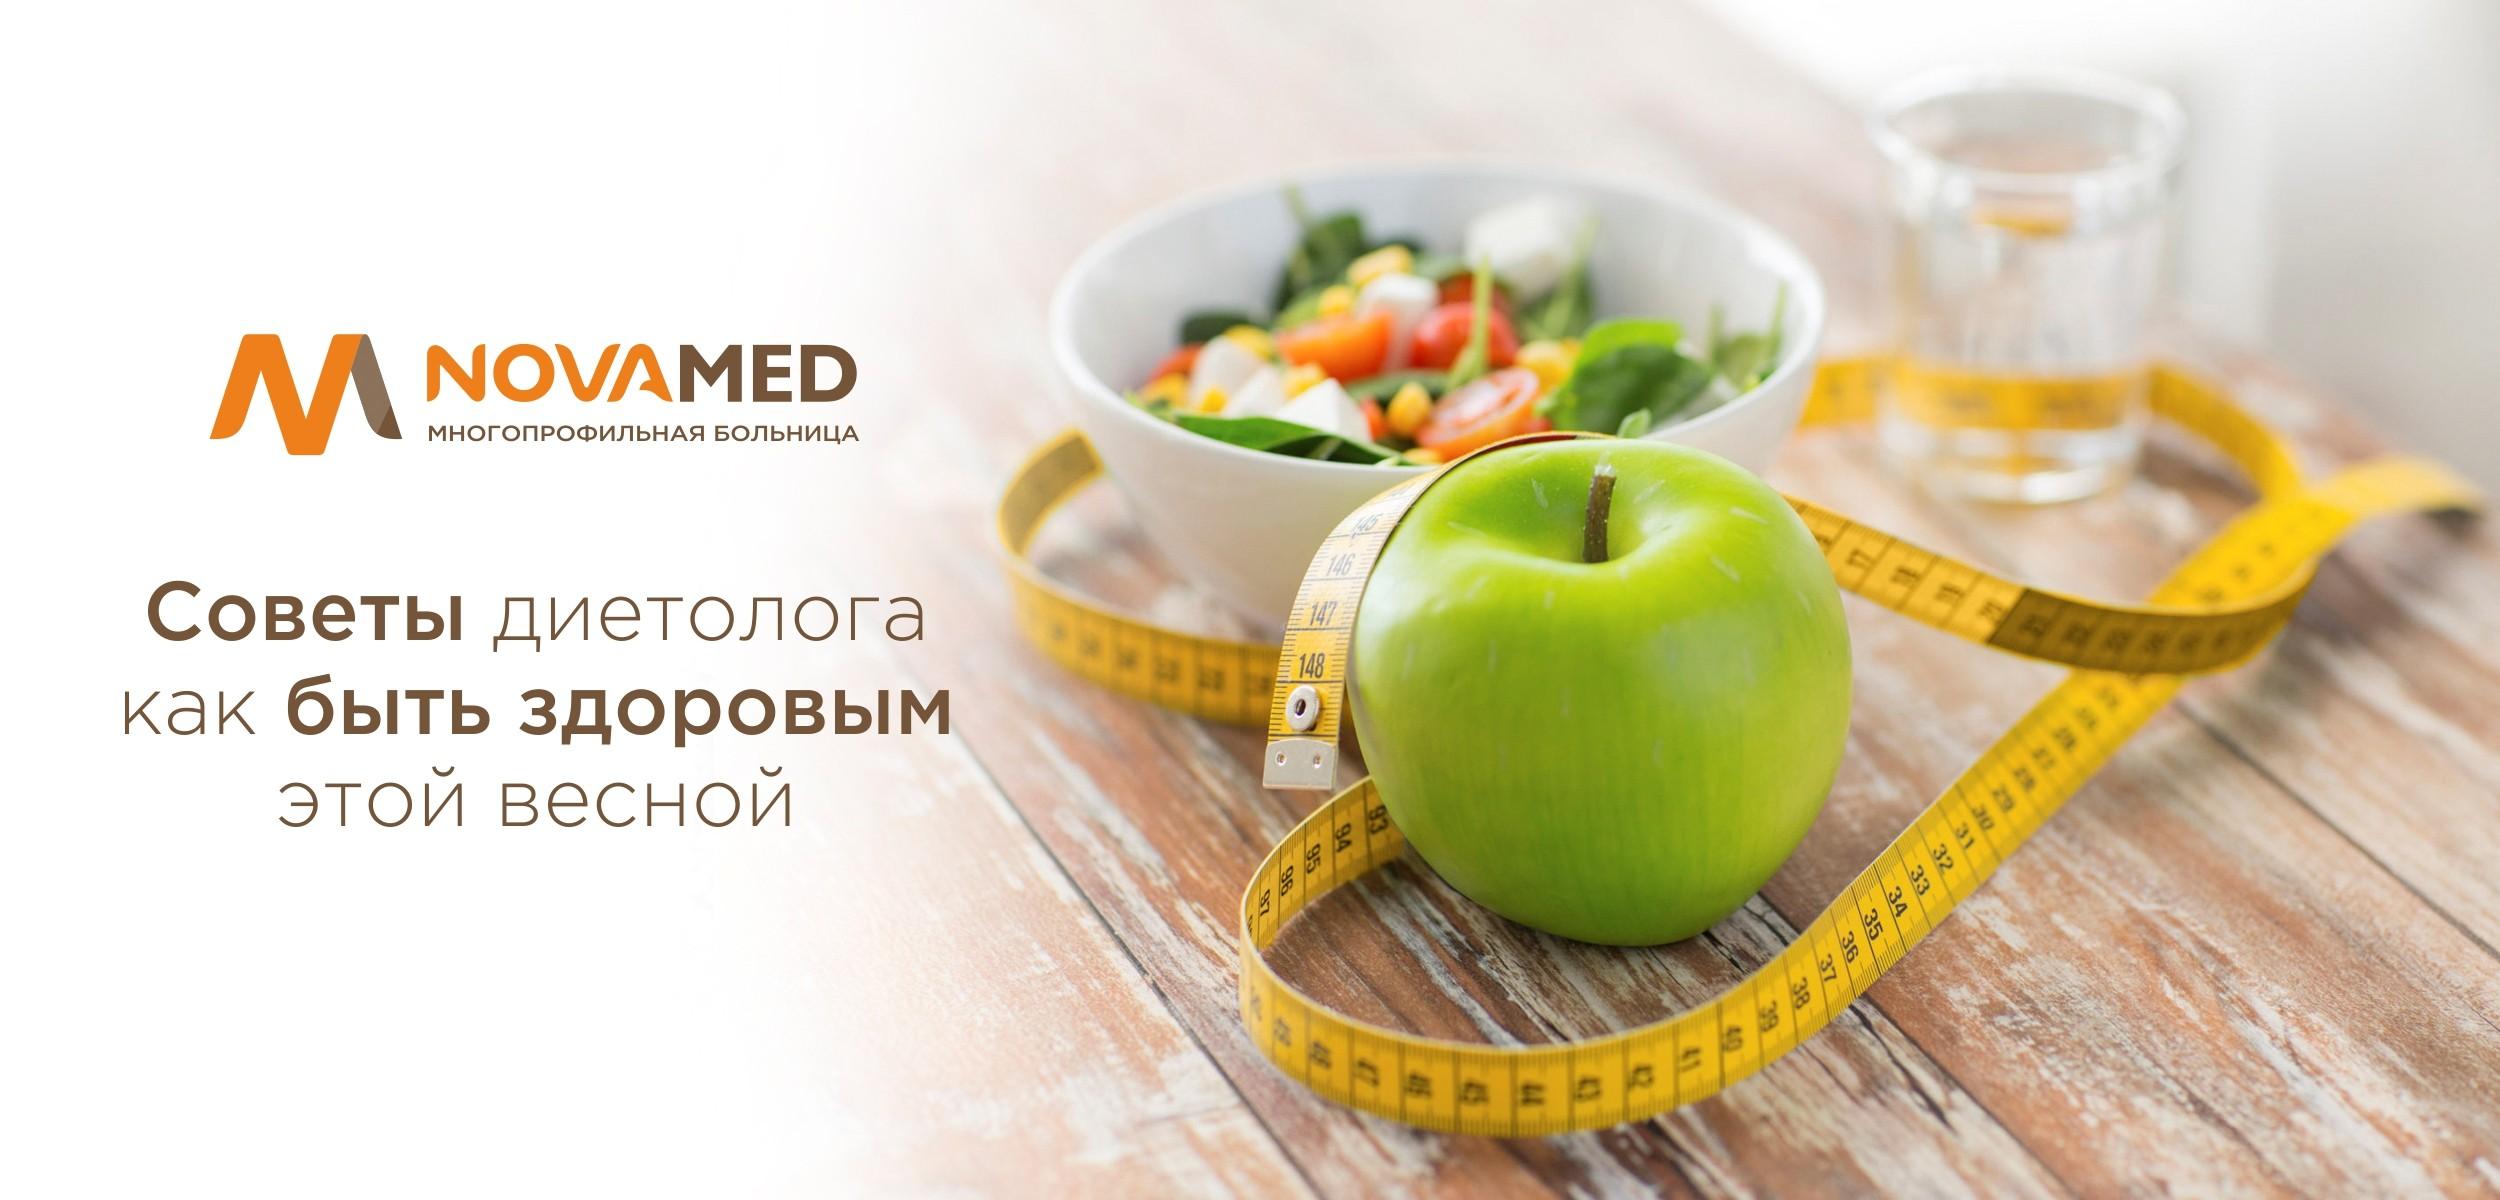 Novamed: советы диетолога о питании весной